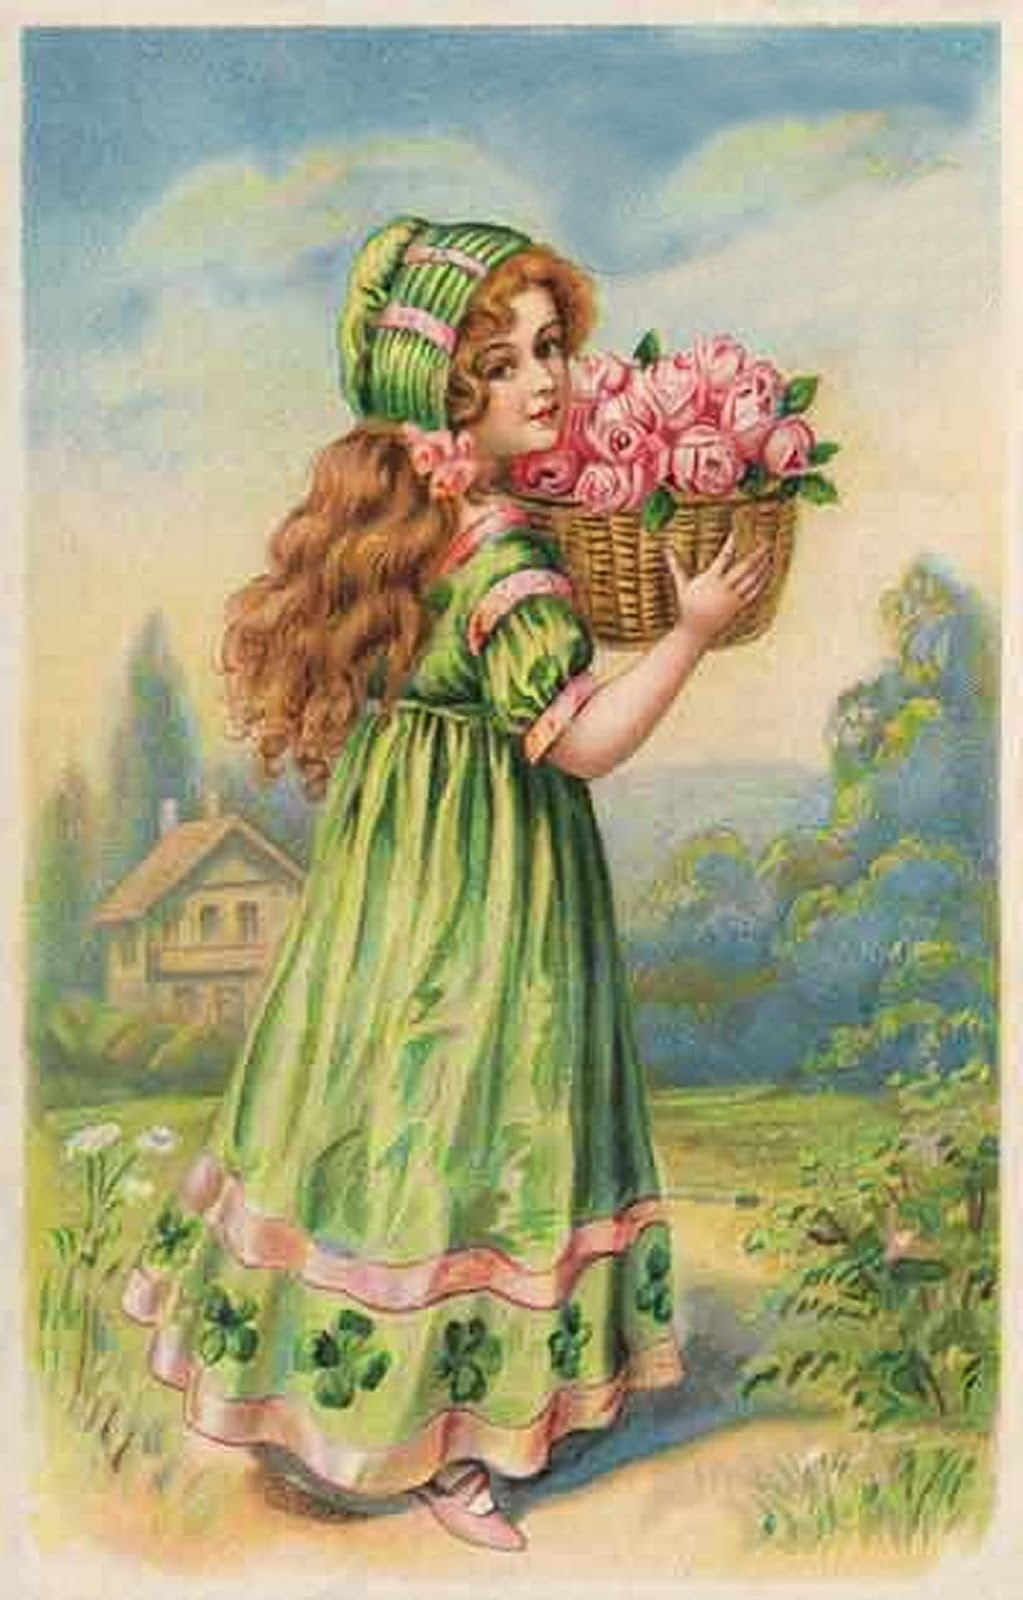 С днем рождения крестница картинки анимация ретро винтаж, картинка надписью открытки